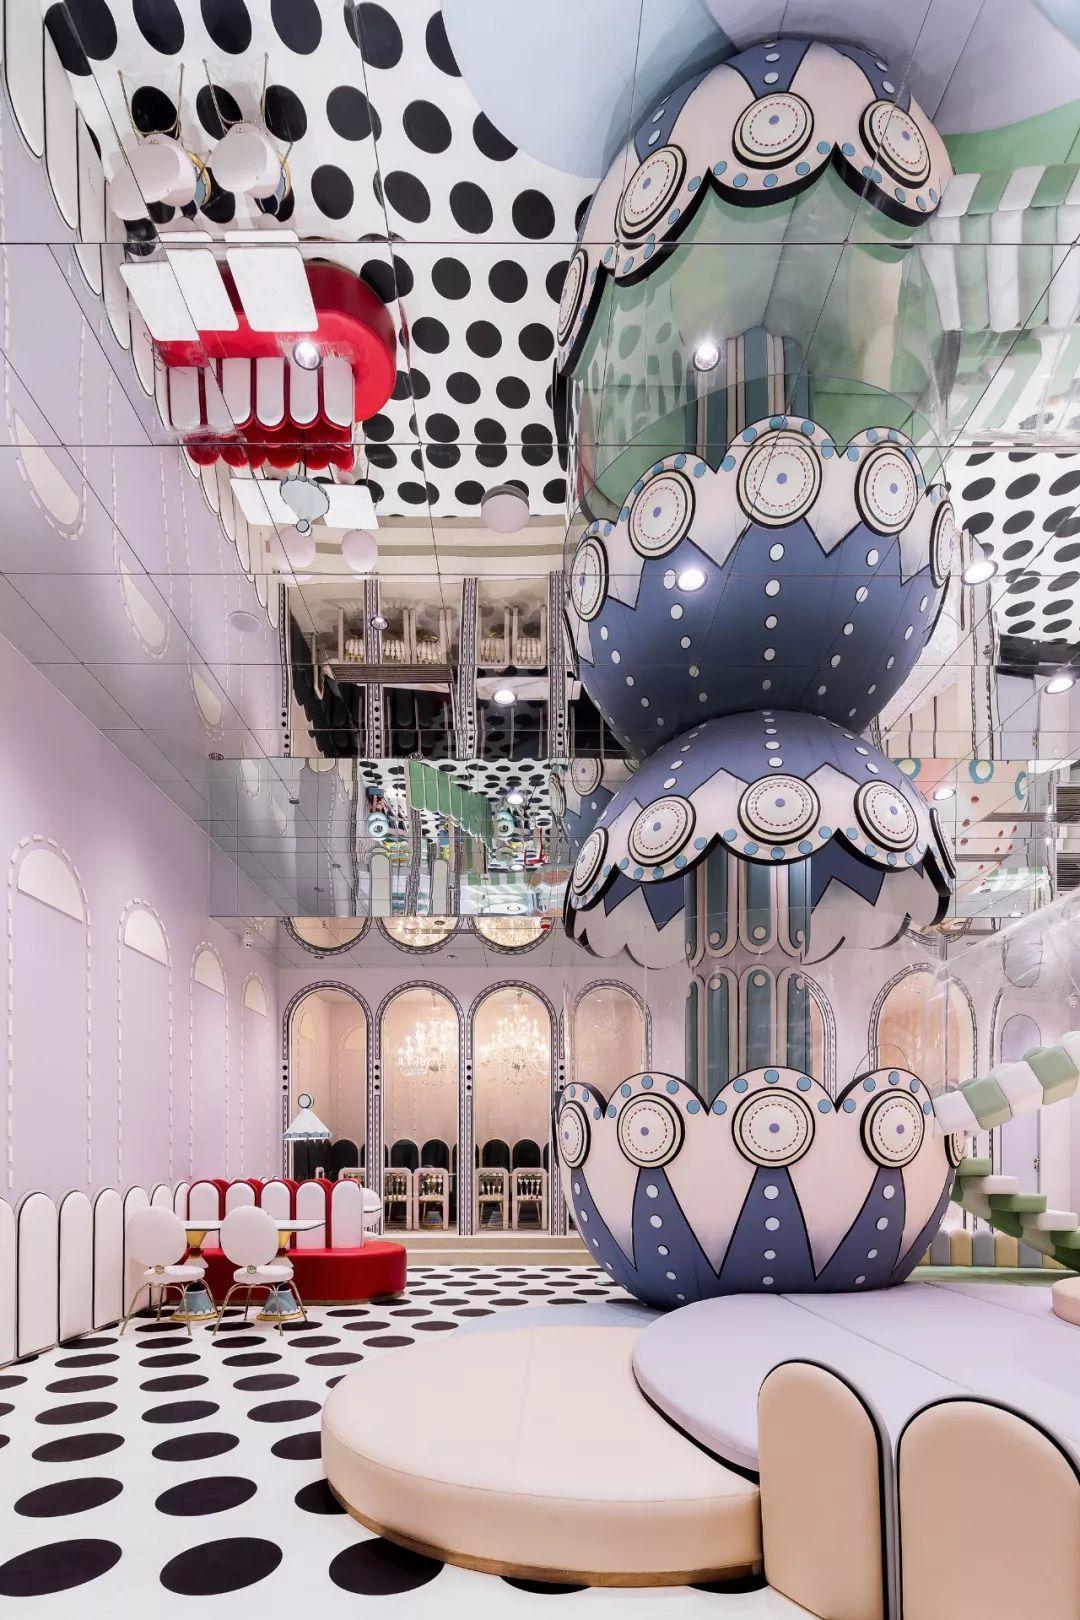 李想最新打造超美的奇幻城堡,如入仙境,惊艳苏州!|李想 - 75